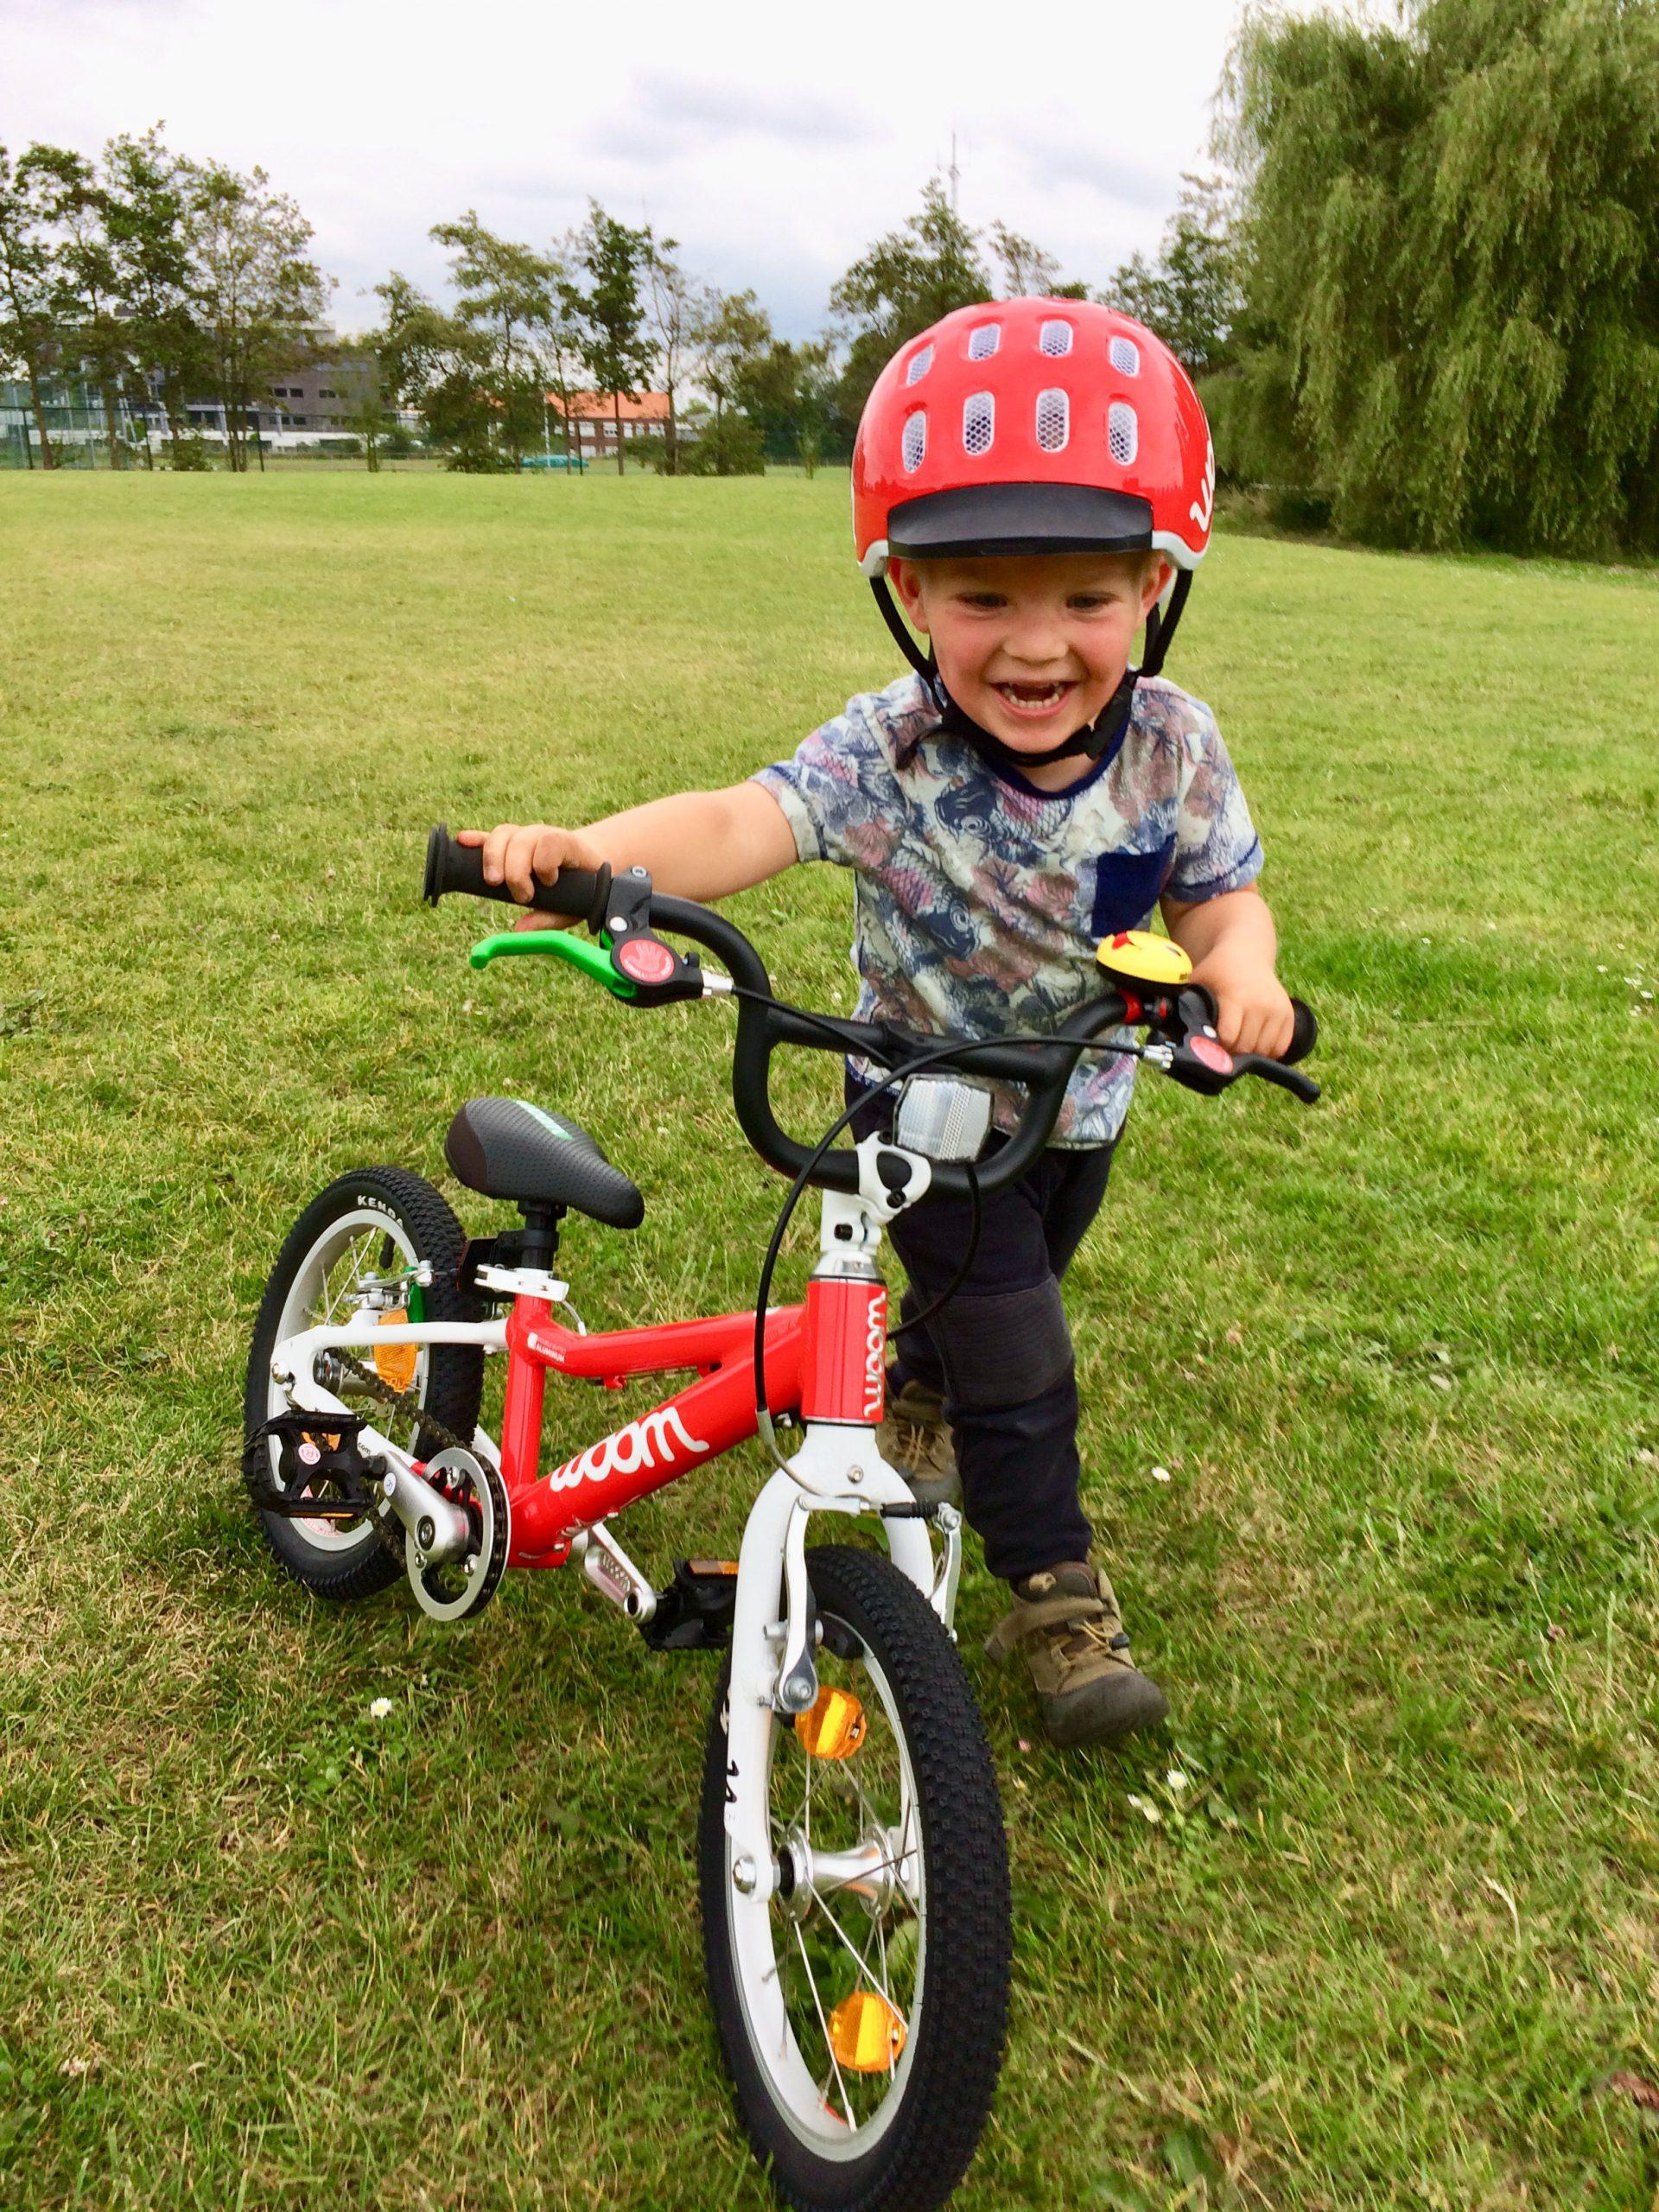 Woom Fahrrad bei Stip-kinderfietsen